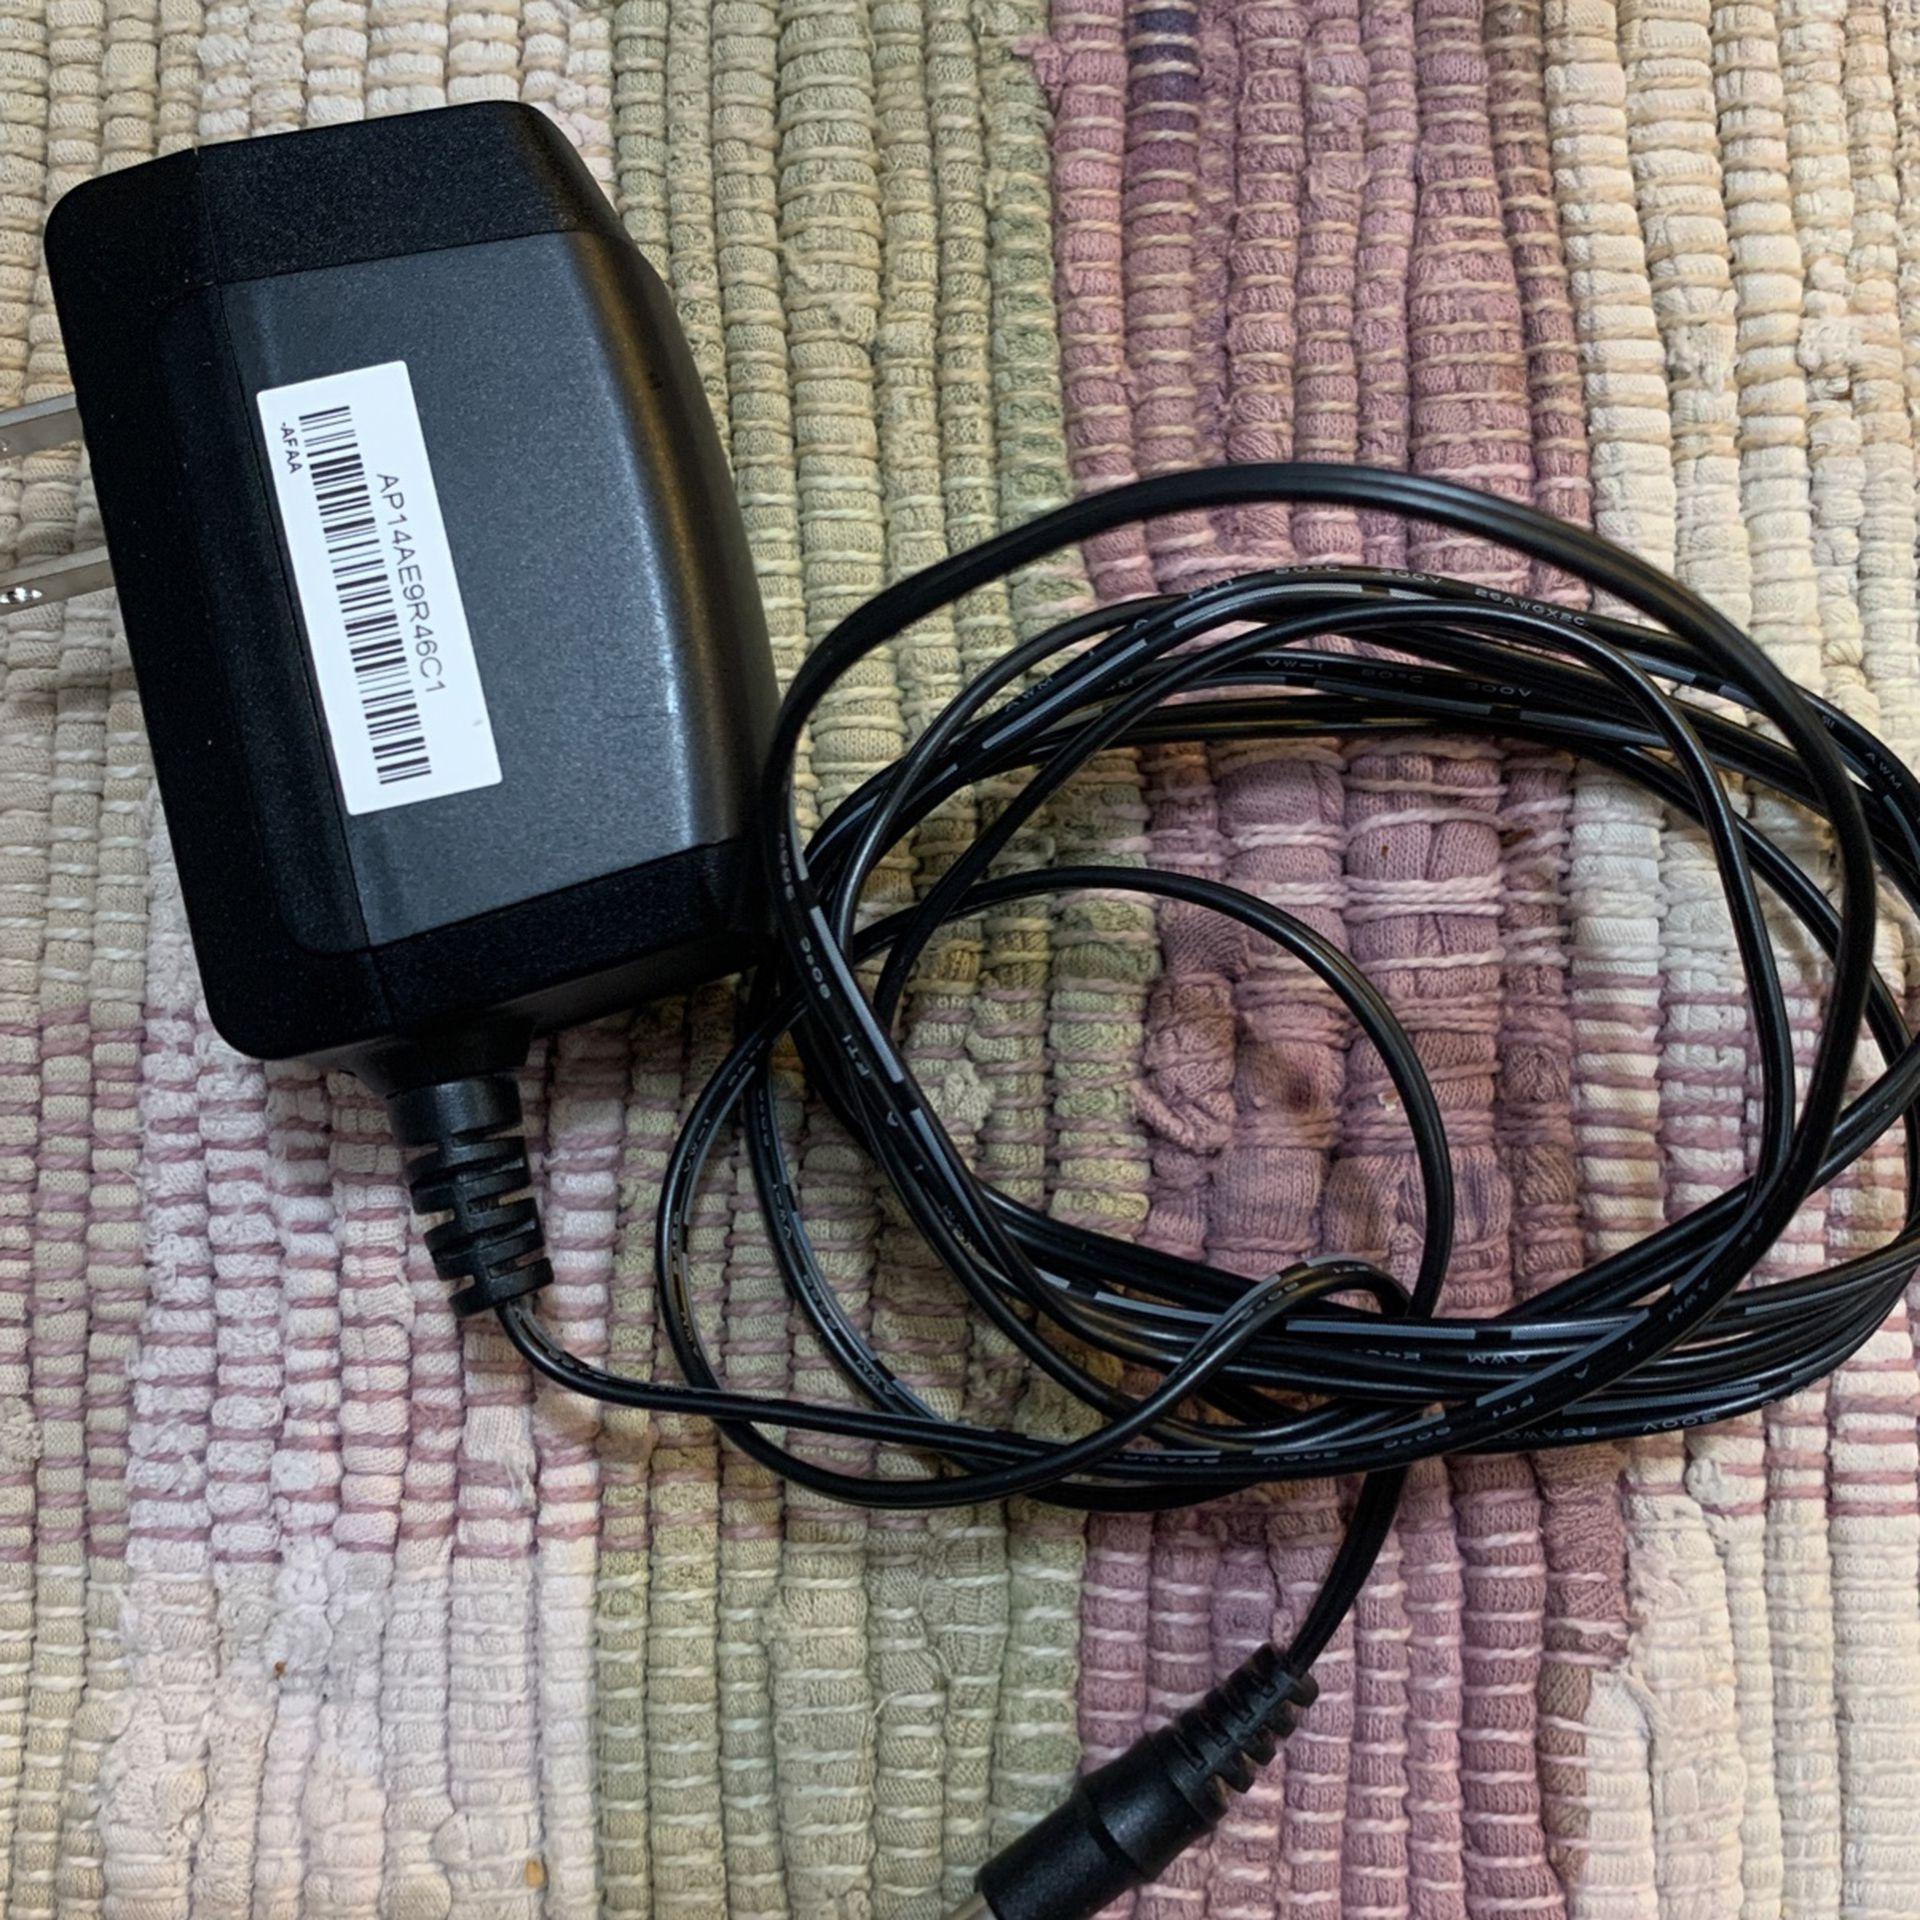 Arris SURFboard SB183 DOCSIS 3.0 Cable Modem